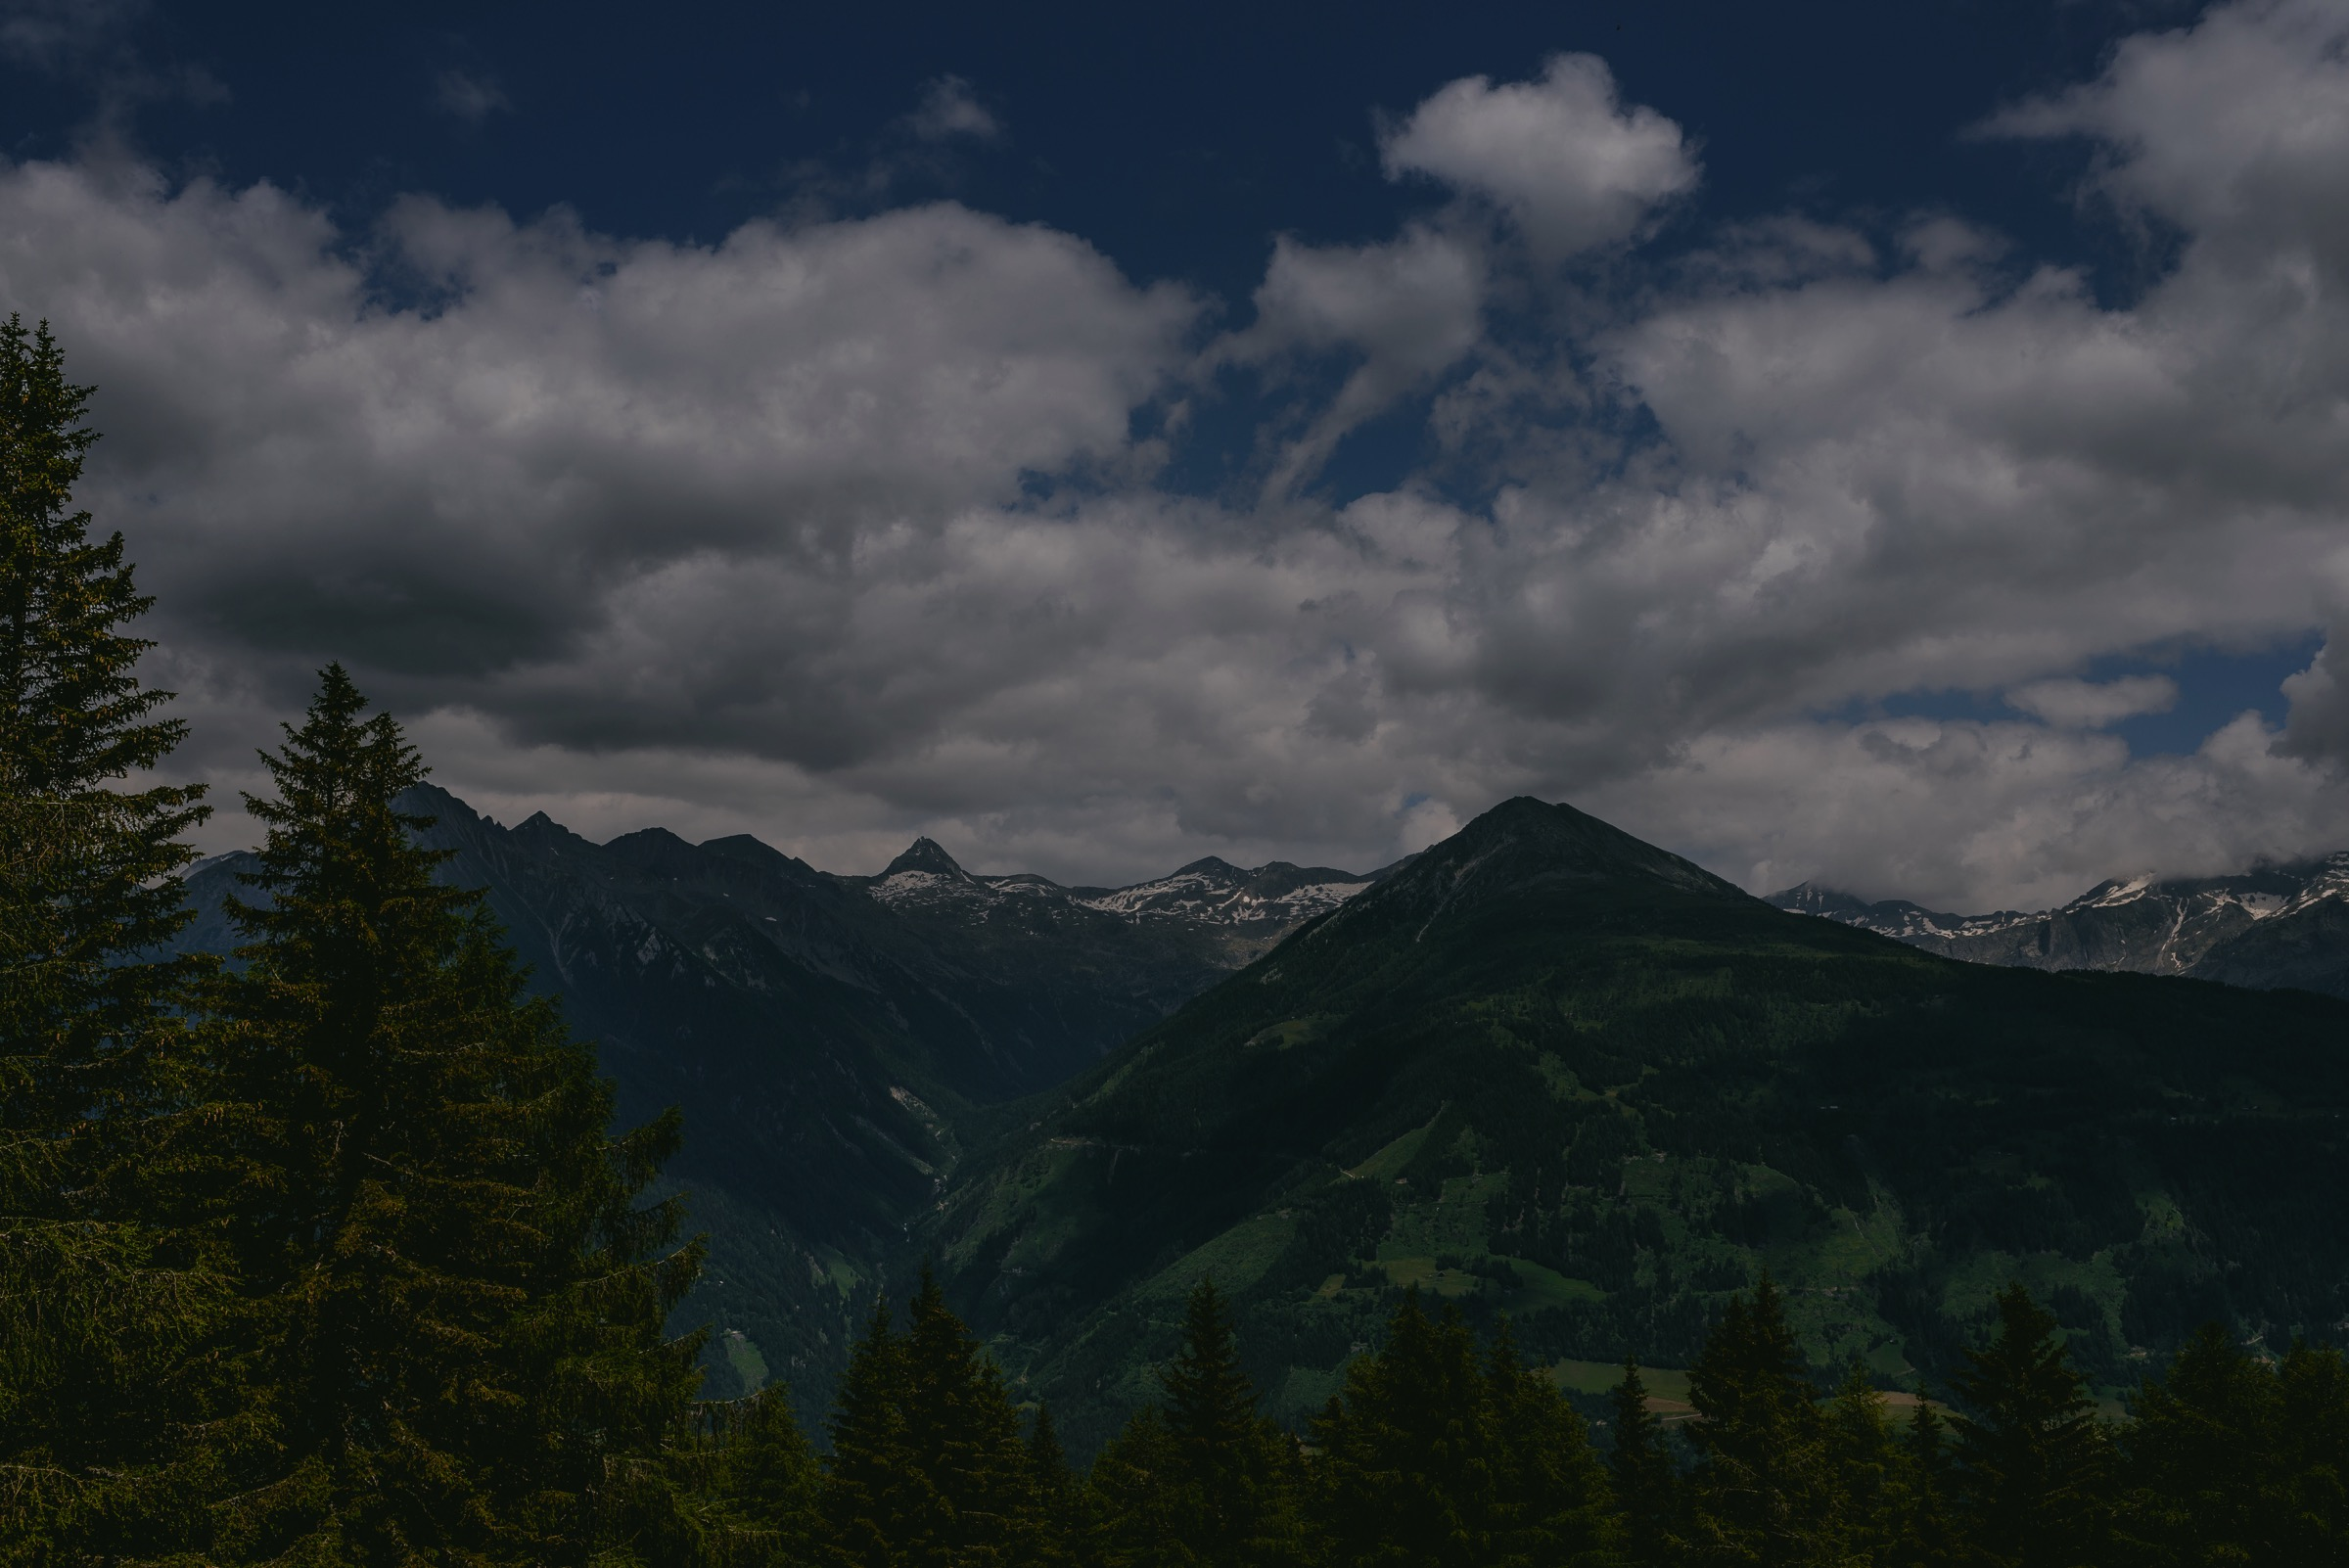 Alps Carinthia penk Austria